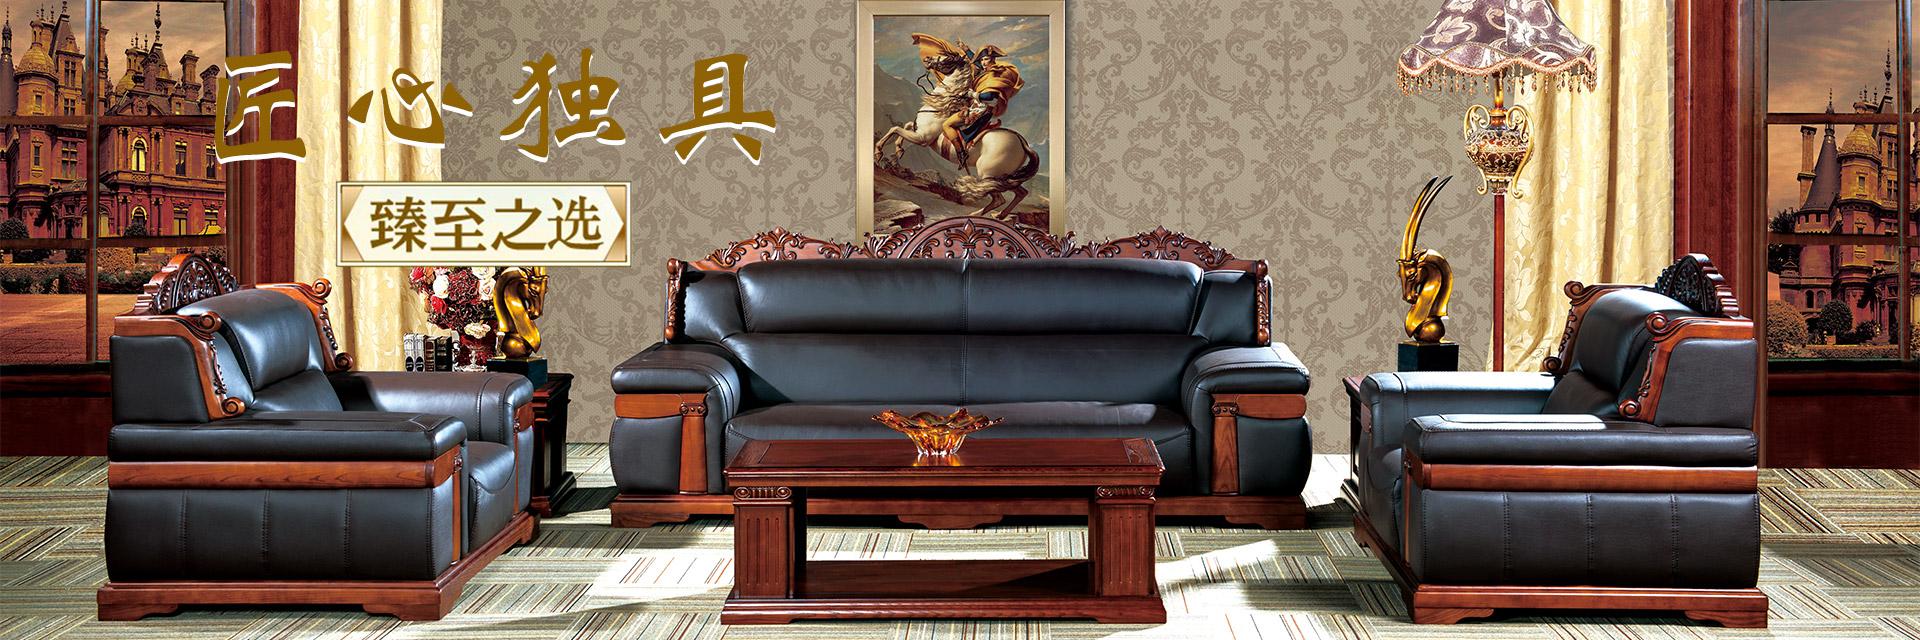 济南卓怡家具公司有现代办公家具系列、纯实木办公家具系列、实木办公系列产品,多年经验,专注于家具设计生产